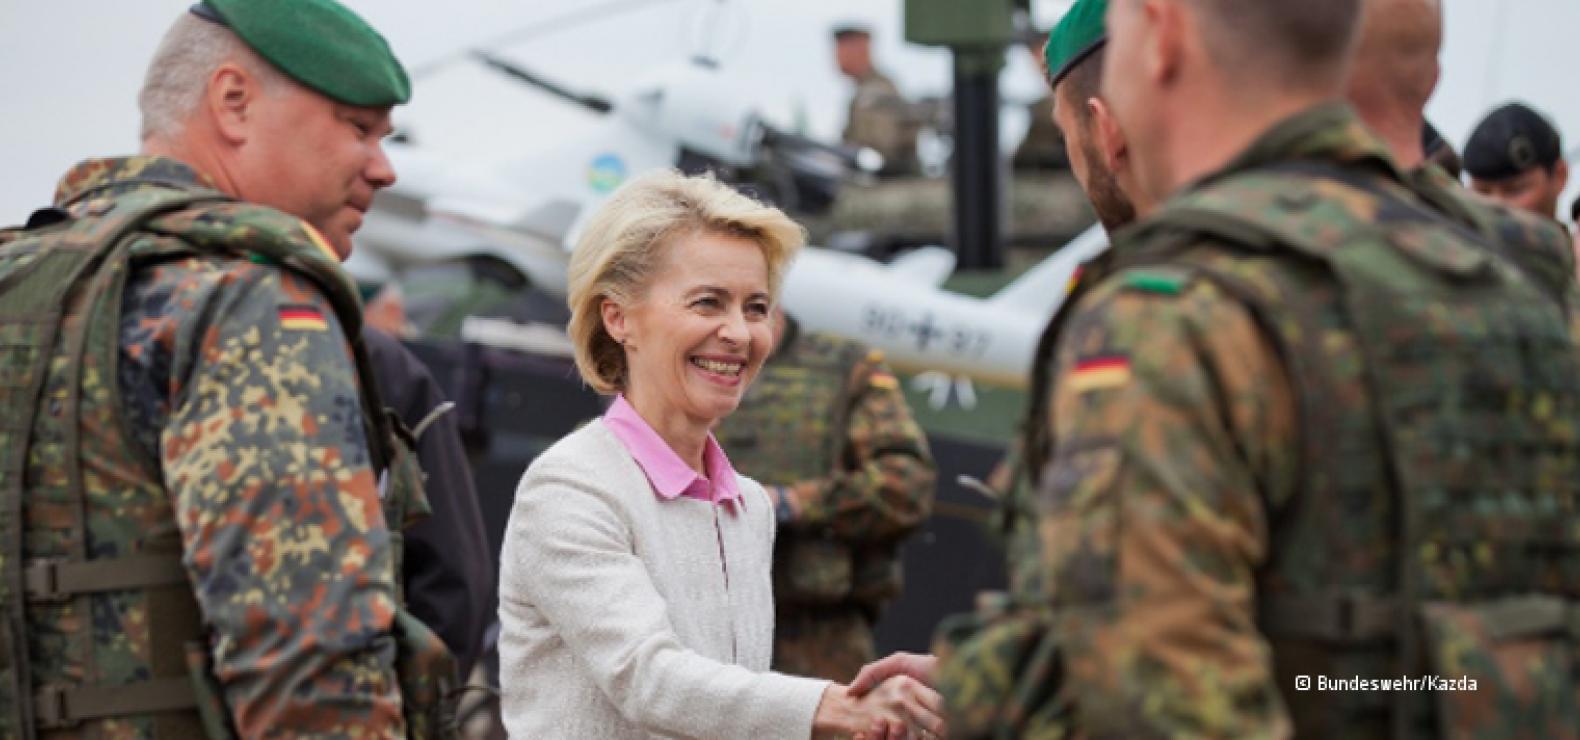 Bundesverteidigungsministerin Ursula von der Leyen schüttelt einigen Bundeswehrsoldaten die Hand.